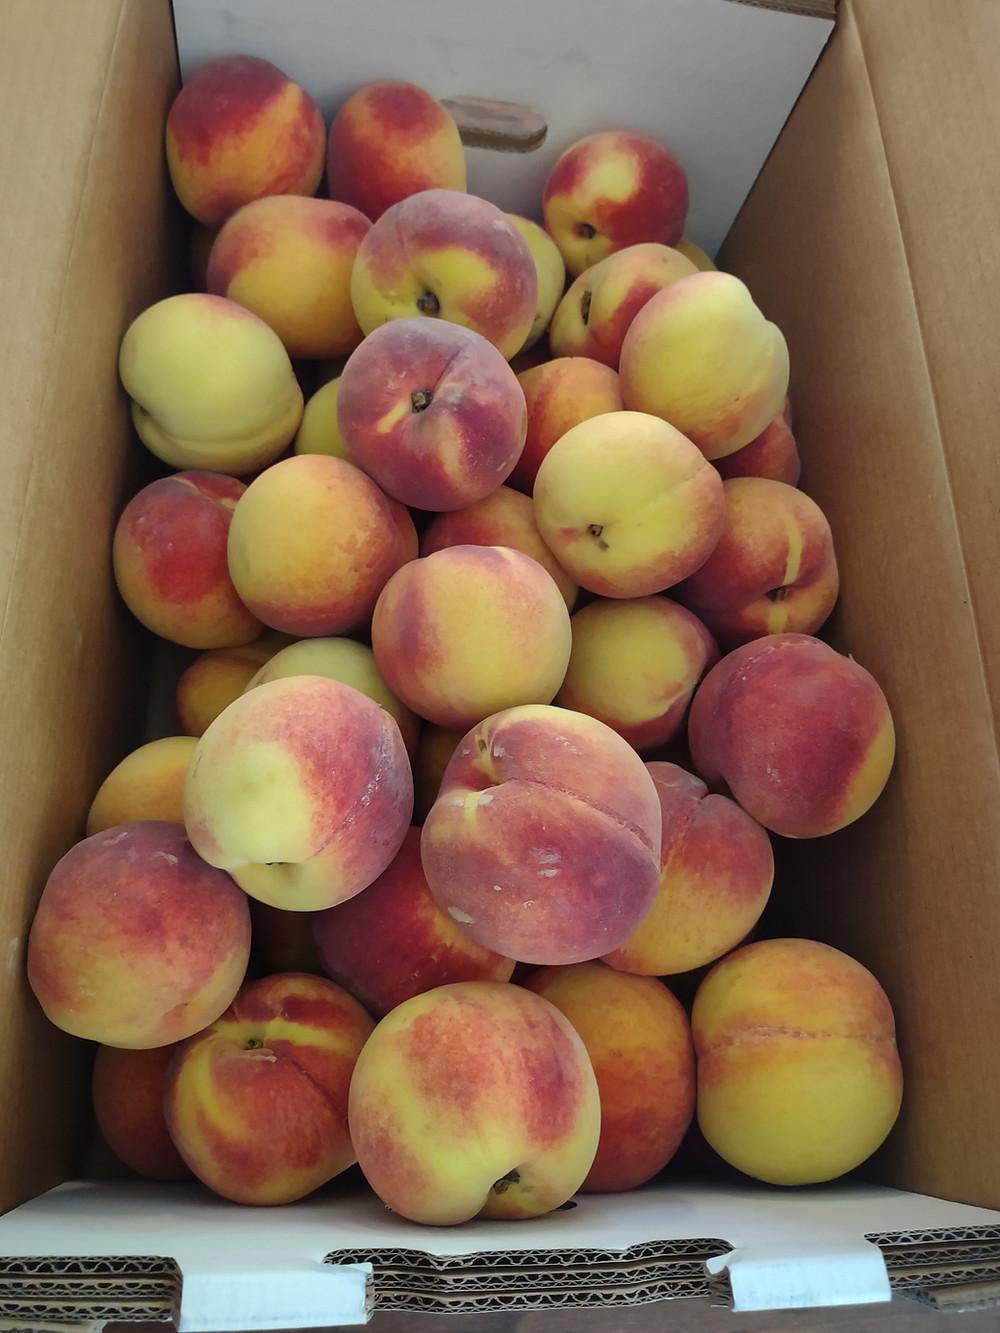 peaches in a box